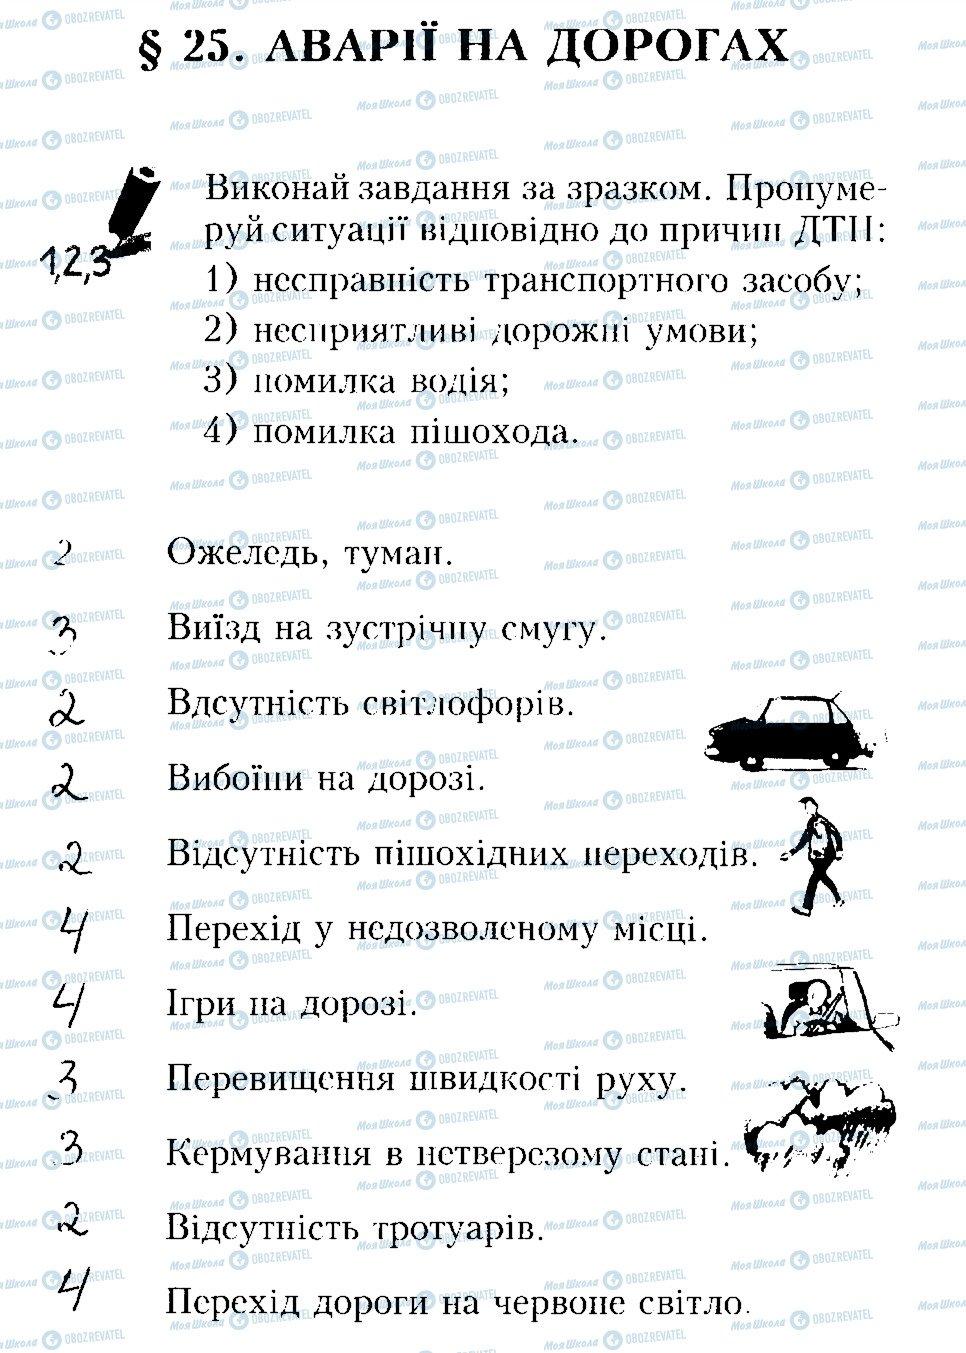 ГДЗ Основы здоровья 4 класс страница 25